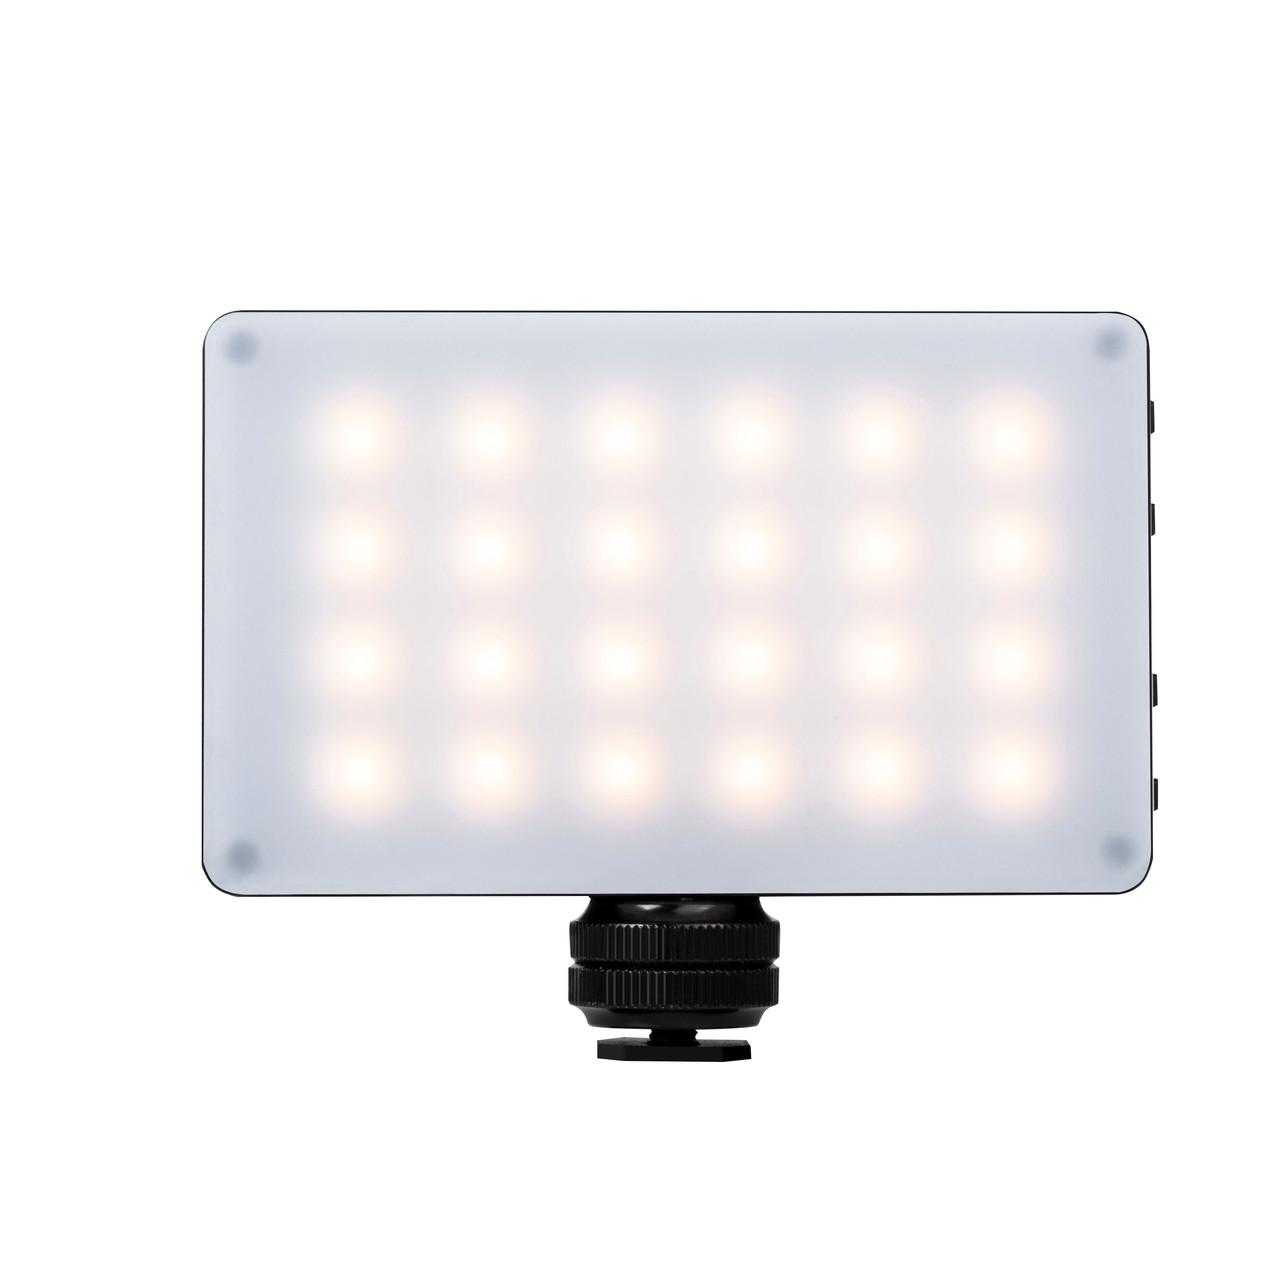 Ультратонкий, портативный  LED - осветитель, видео-свет Viltrox RB08 со встроенным аккумулятором